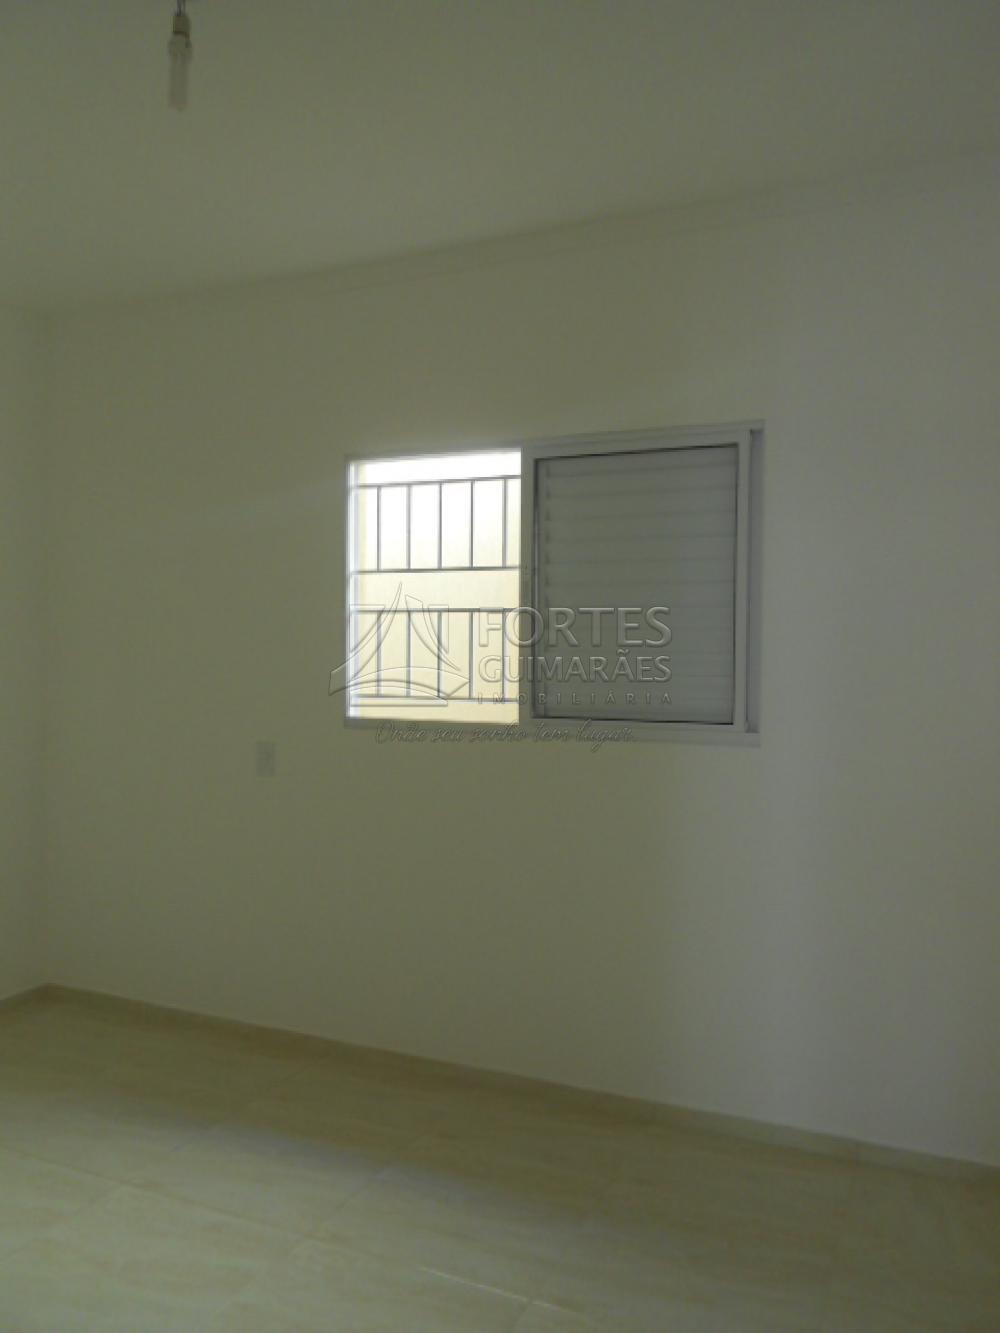 Alugar Casas / Padrão em Bonfim Paulista apenas R$ 1.300,00 - Foto 15